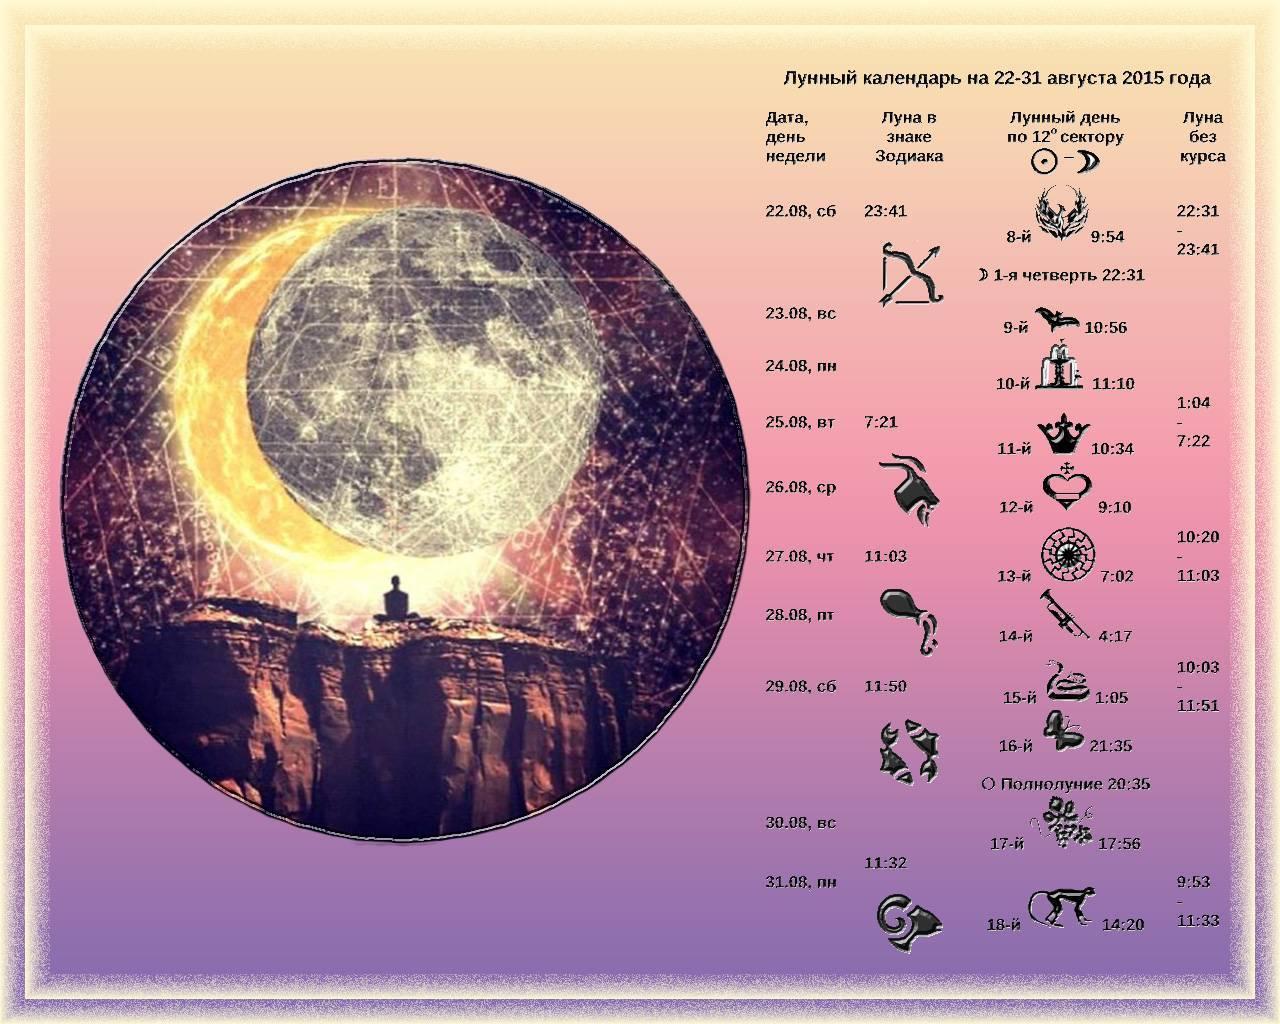 Лунный календарь - благоприятные дни